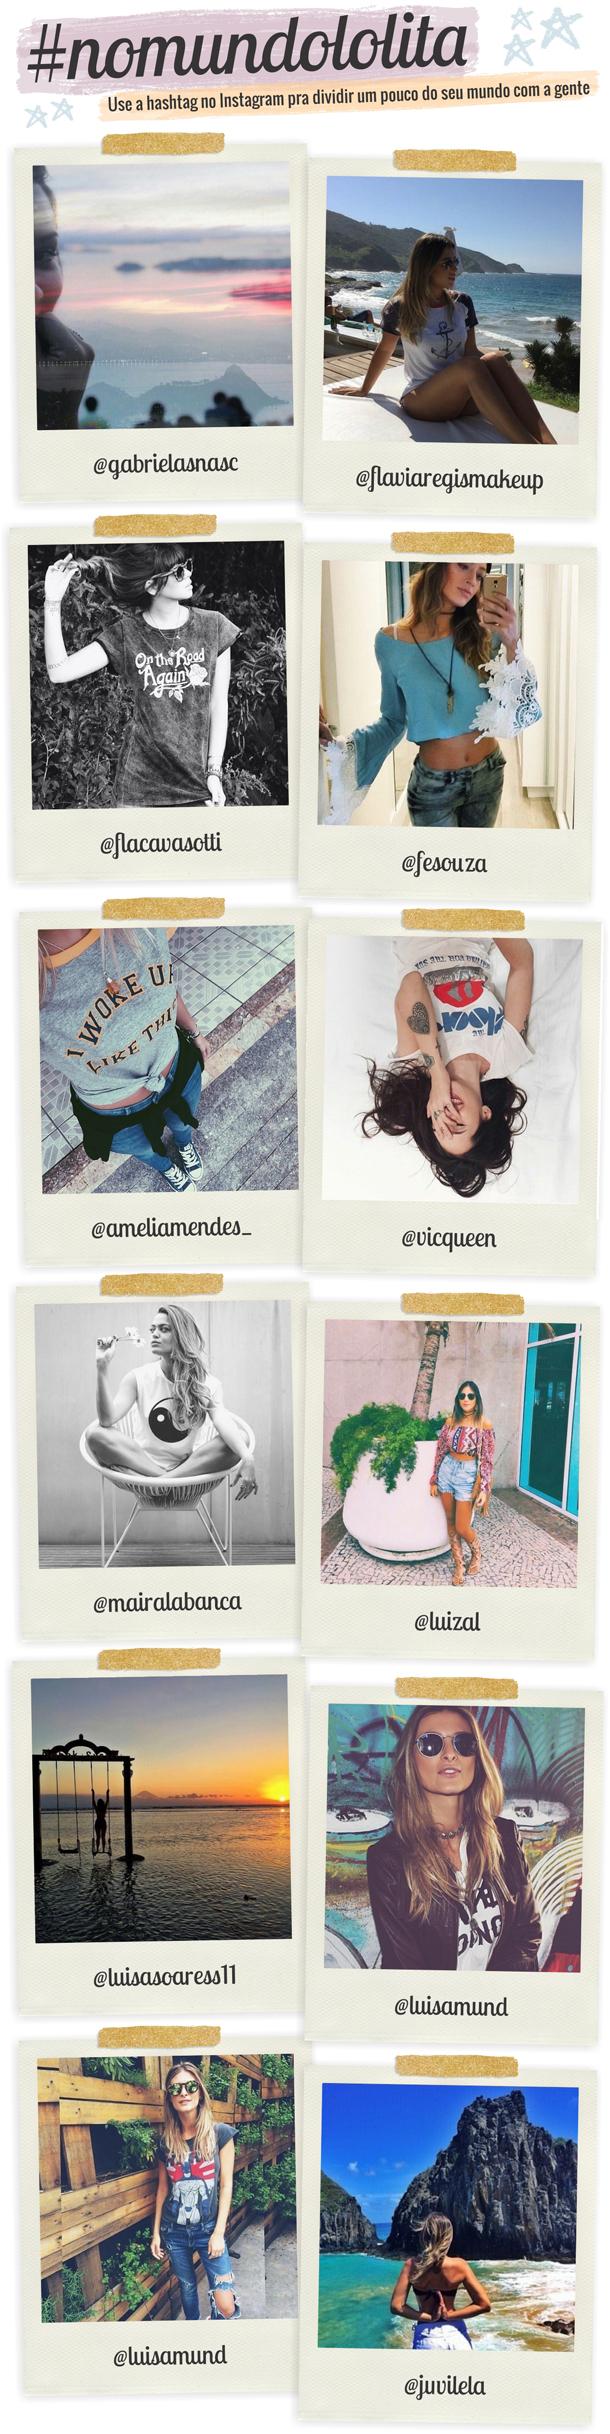 mundo-lolita-instagram-nomundololita-hashtag